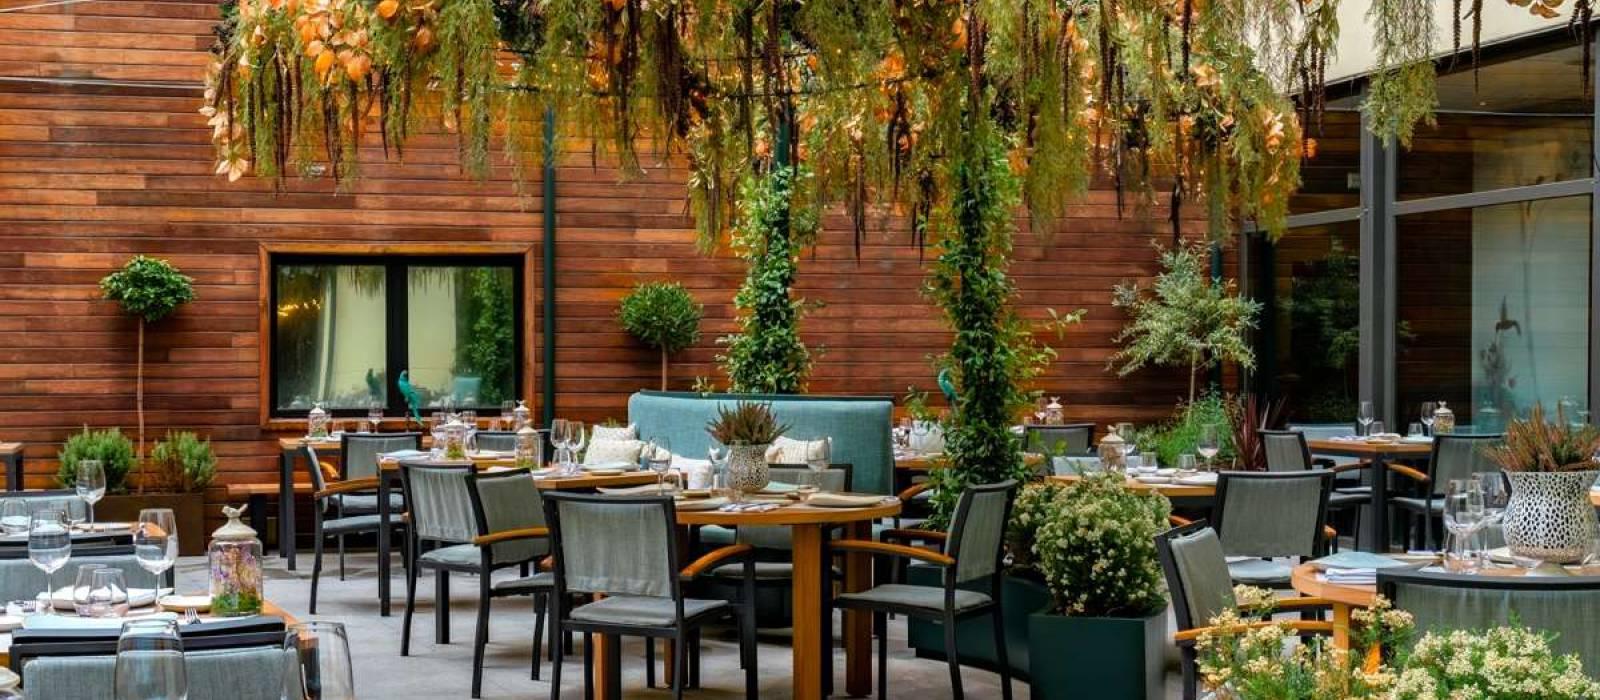 Offerte Soho Hotel Vincci Madrid - Prenota ora e risparmia! -5%